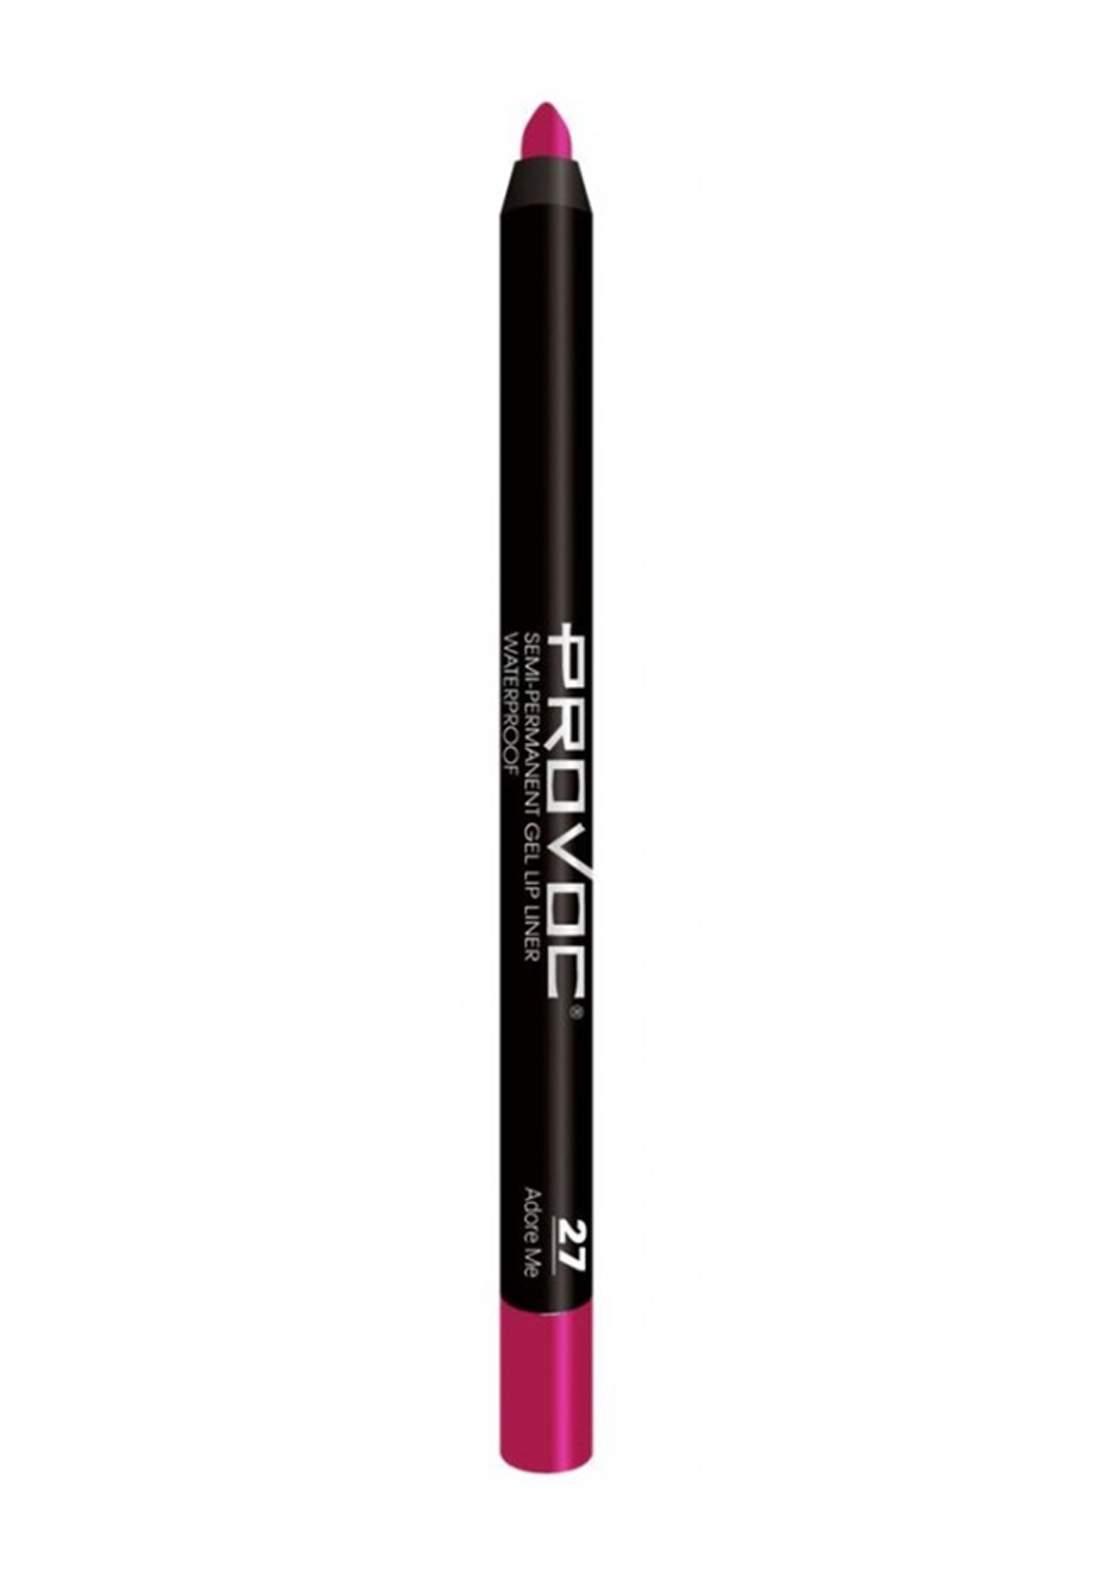 Provoc 353-0044 Semi Permanent Gel Lip Liner Pencil No.27 27 Adore Me محدد الشفاه